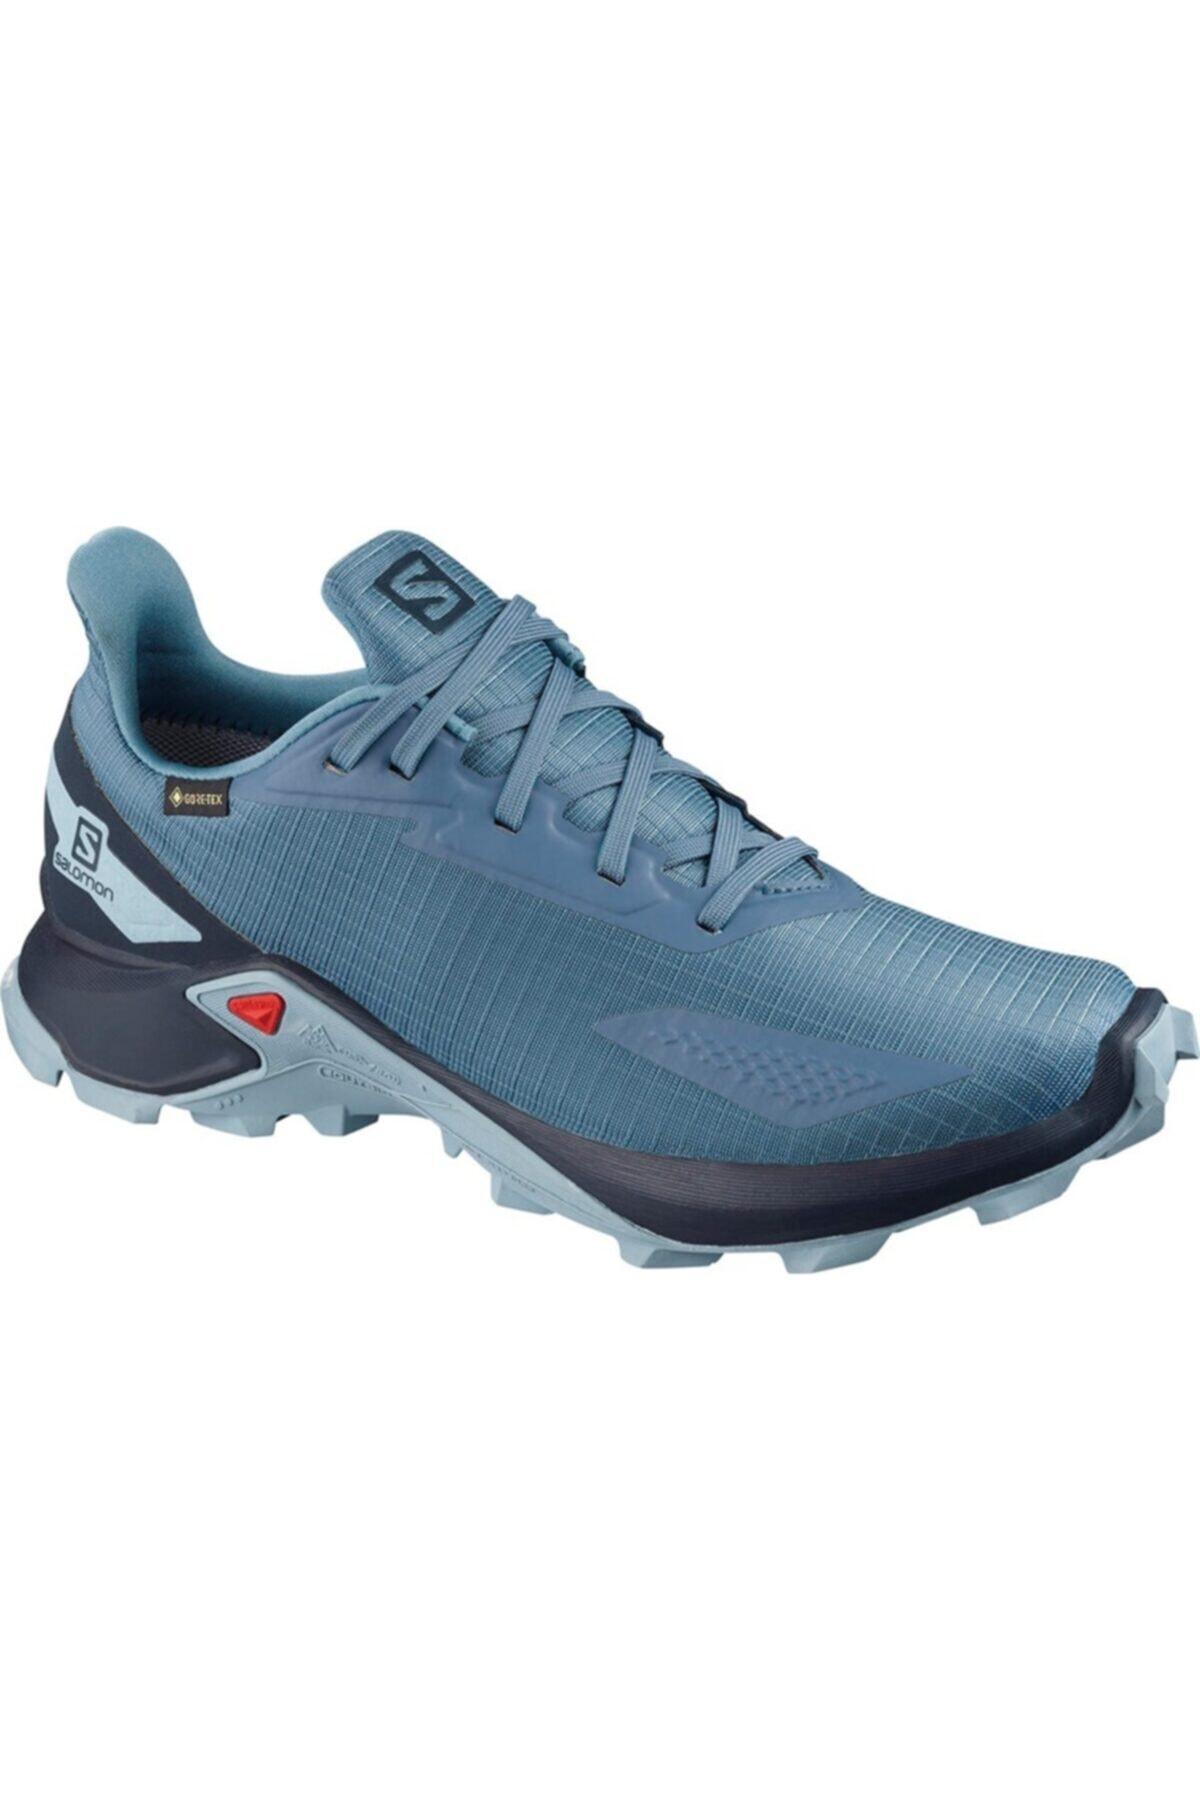 خرید اینترنتی کفش کوهنوردی خاص برند Salomon رنگ آبی کد ty47749718